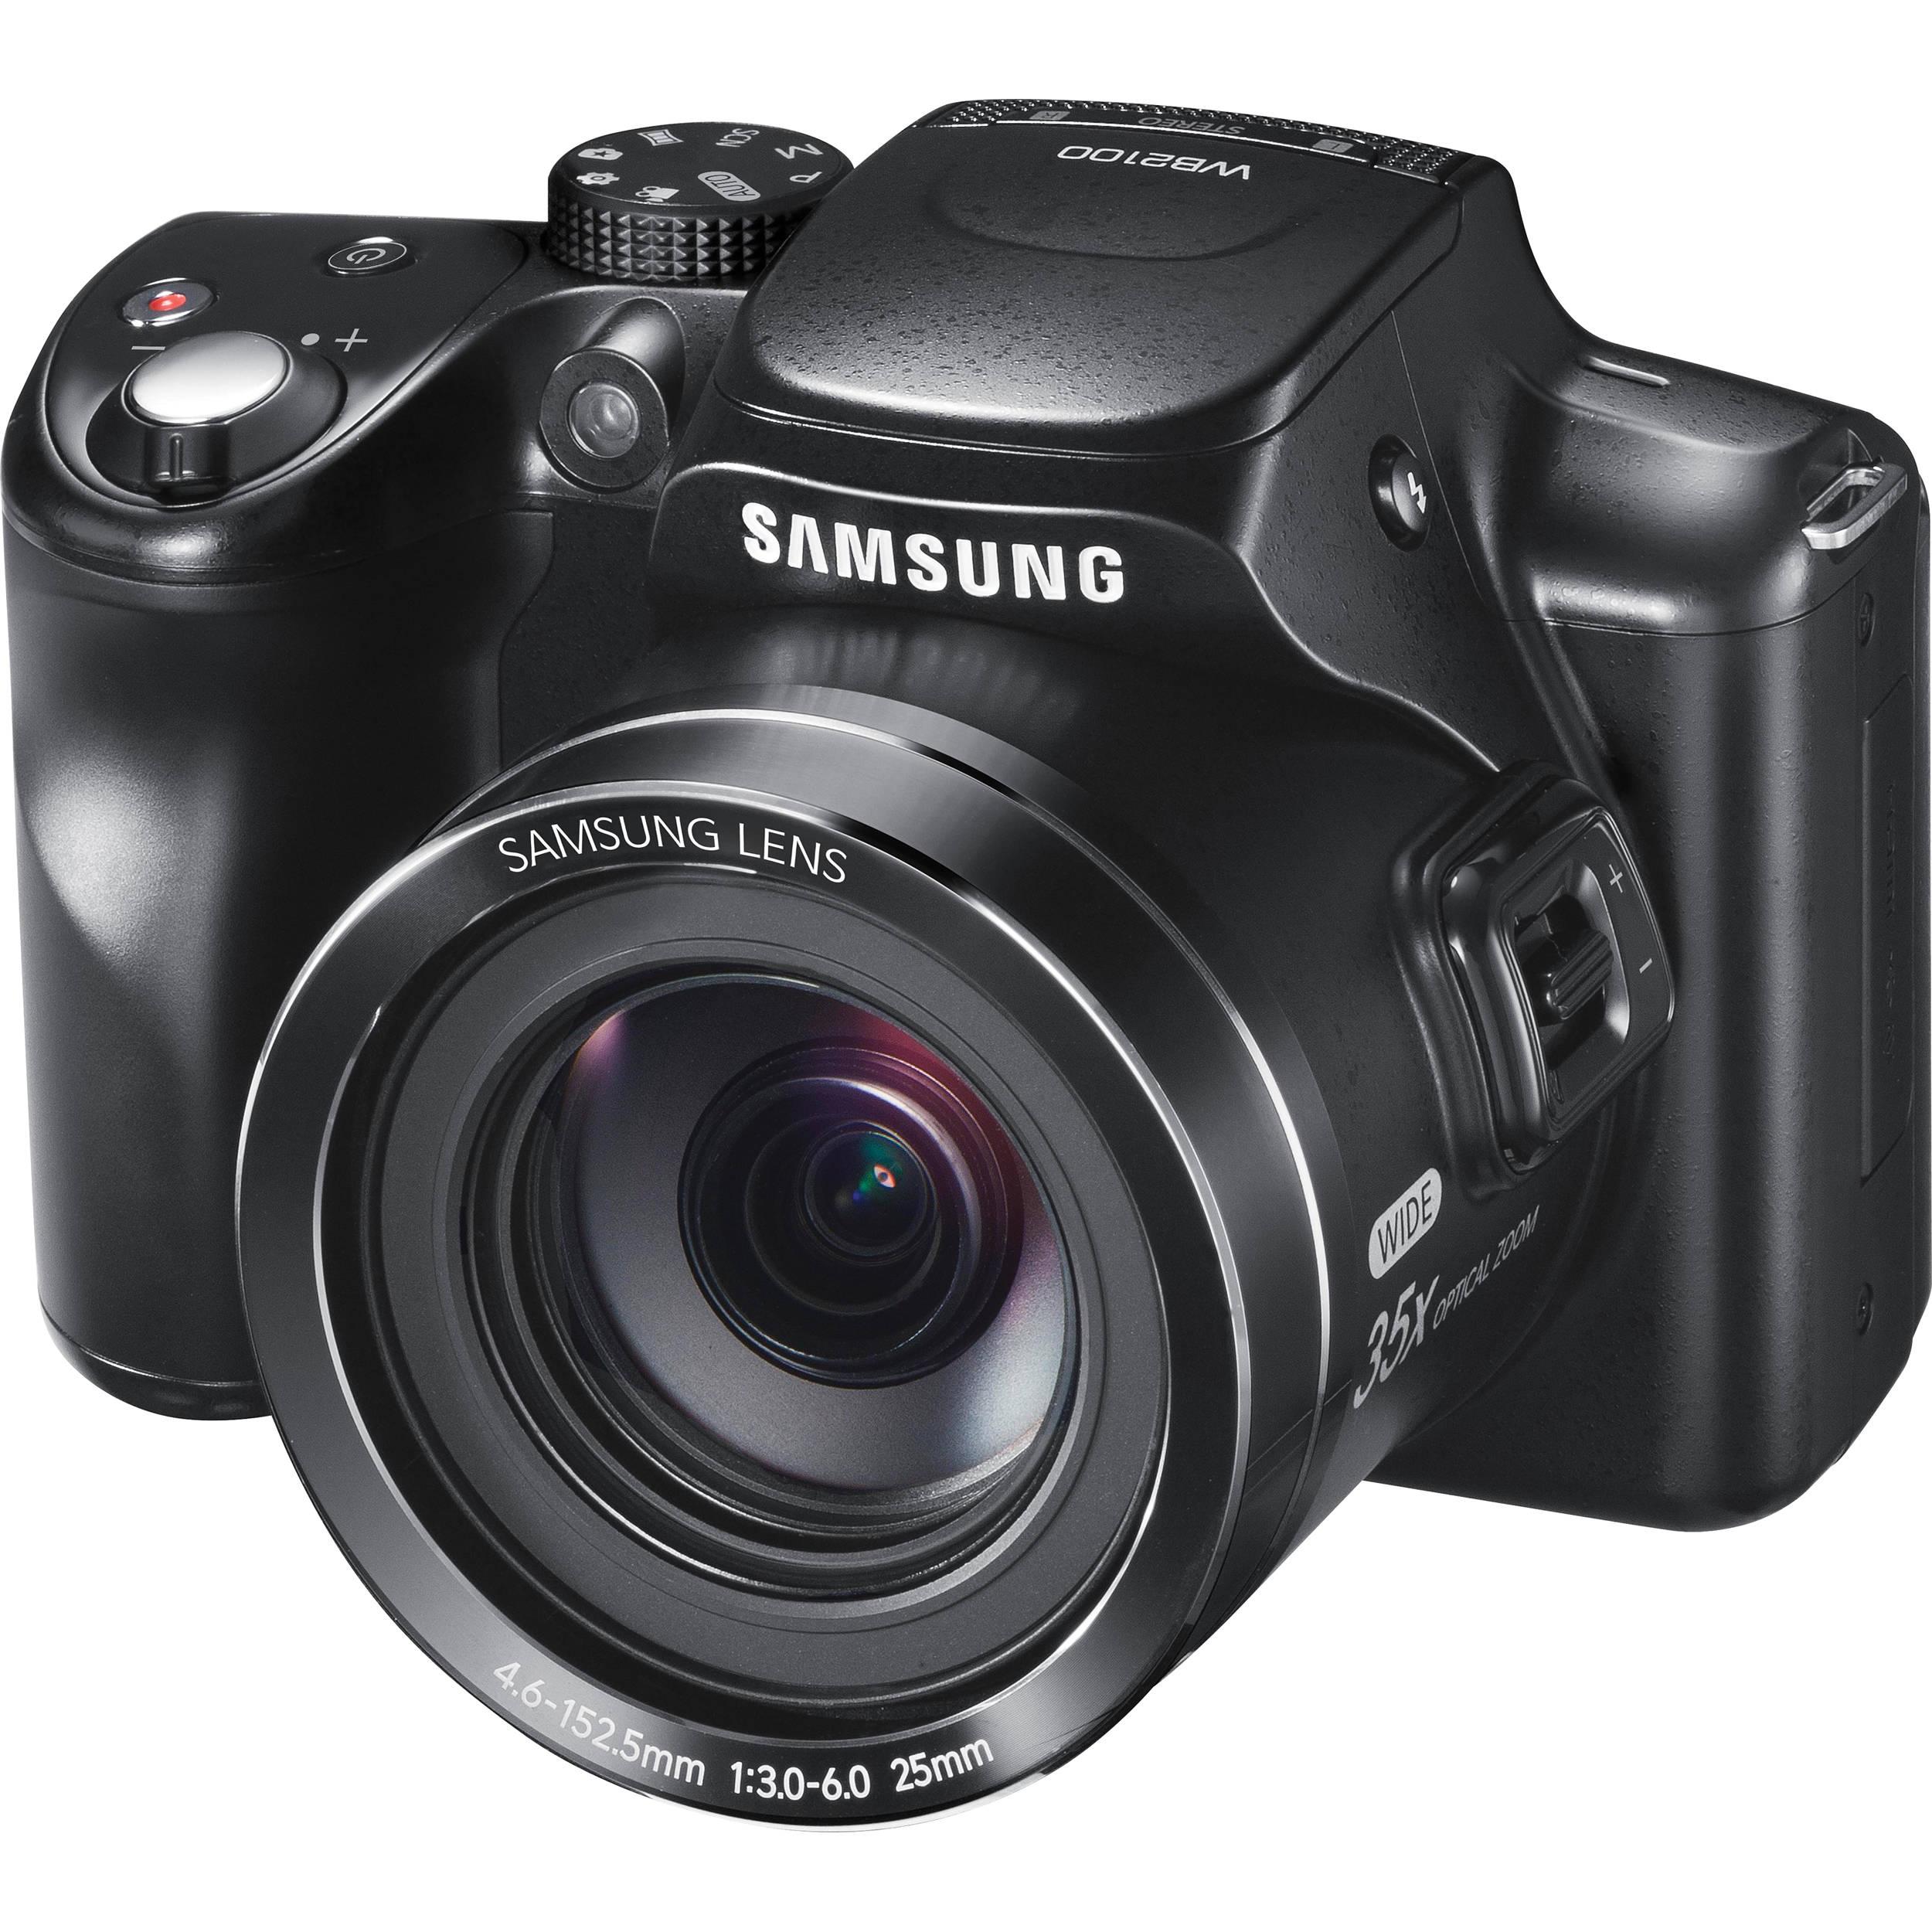 Samsung WB2100 Digital Camera (Cobalt Black) EC ...